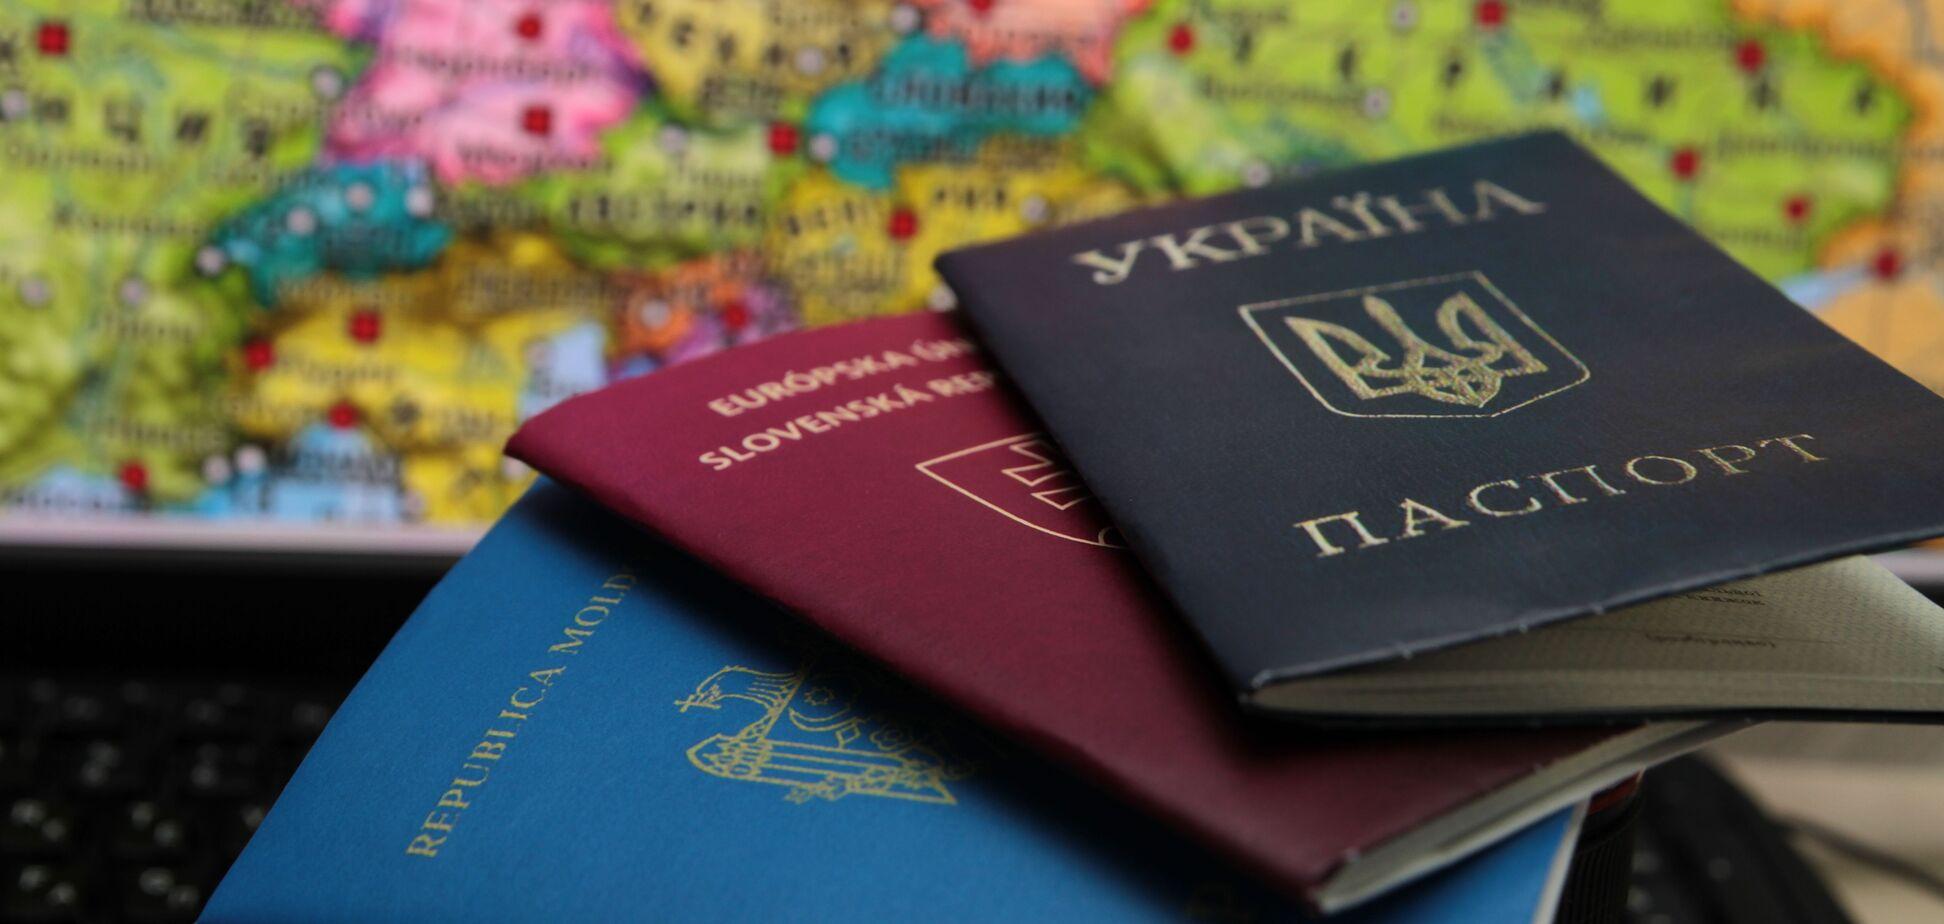 Жебрівський висловився проти введення подвійного громадянства в Україні